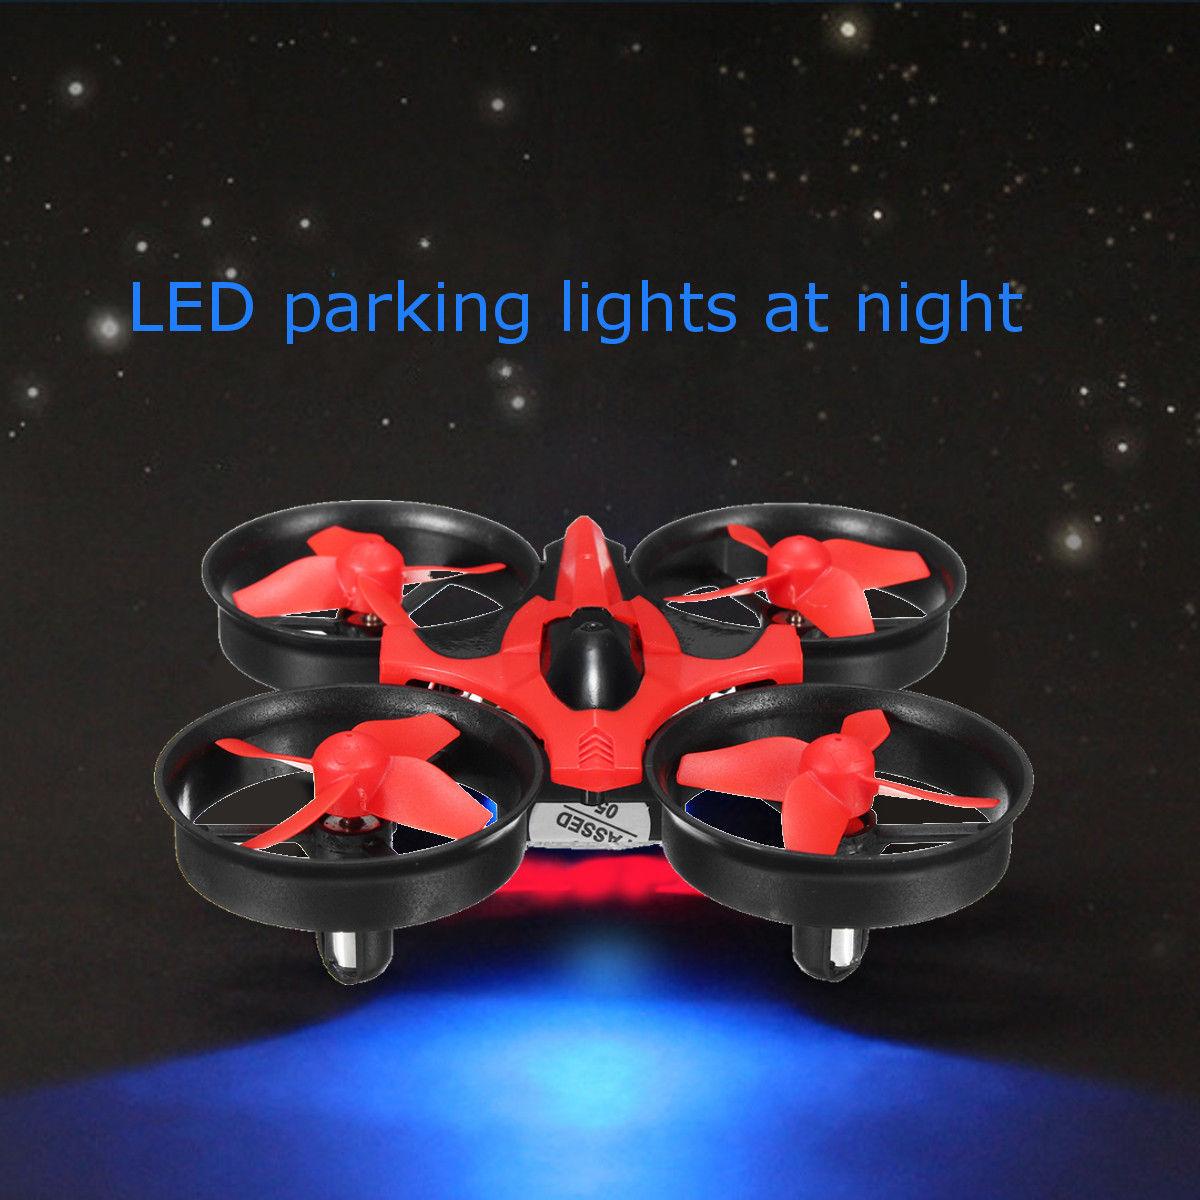 voor Kinderen Quadrocopter korting